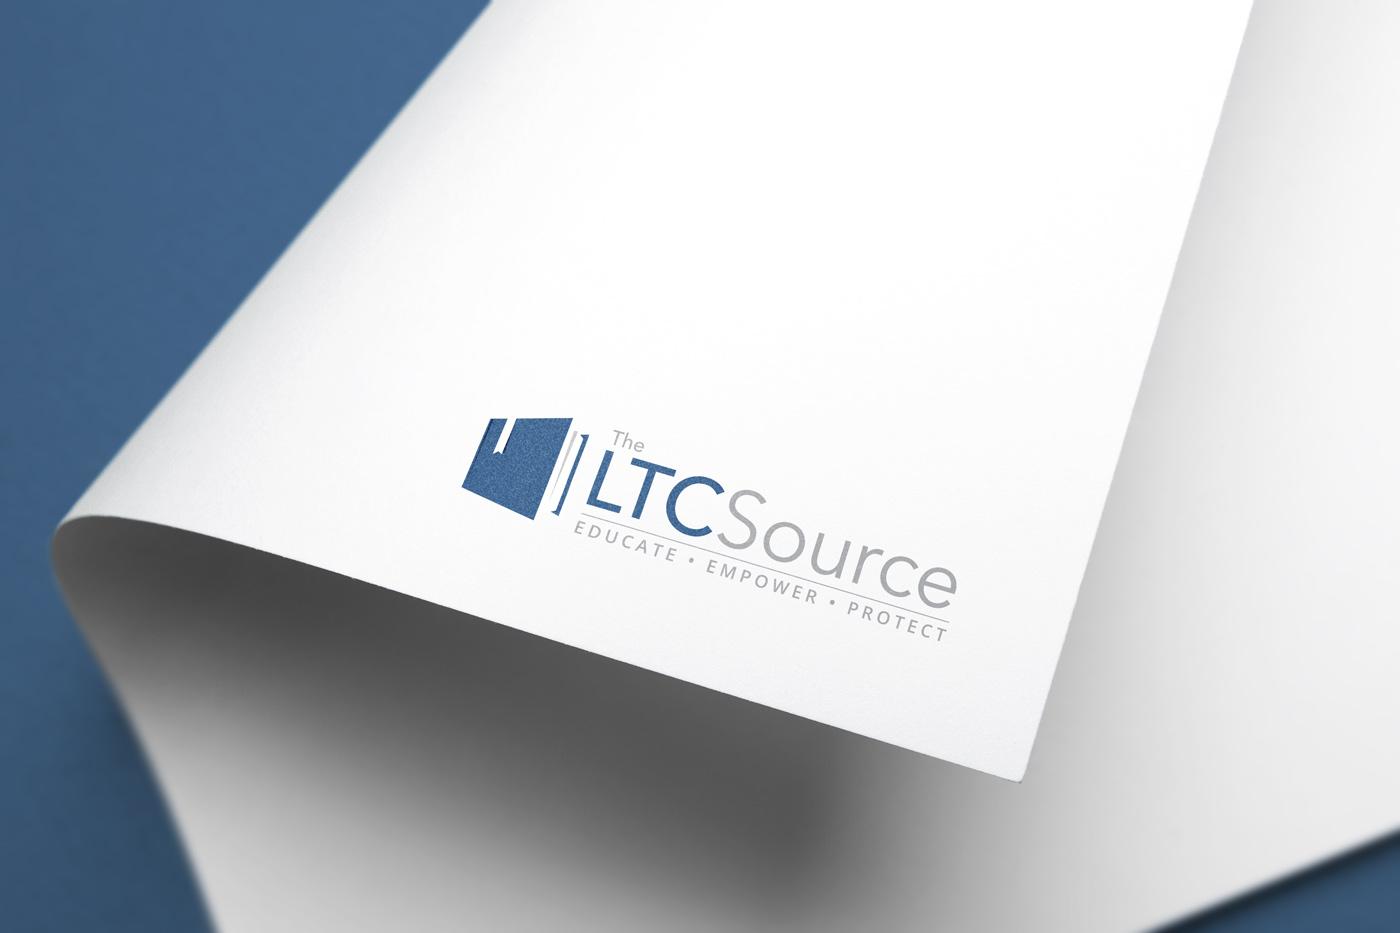 Genworth LTC Source Logo Design